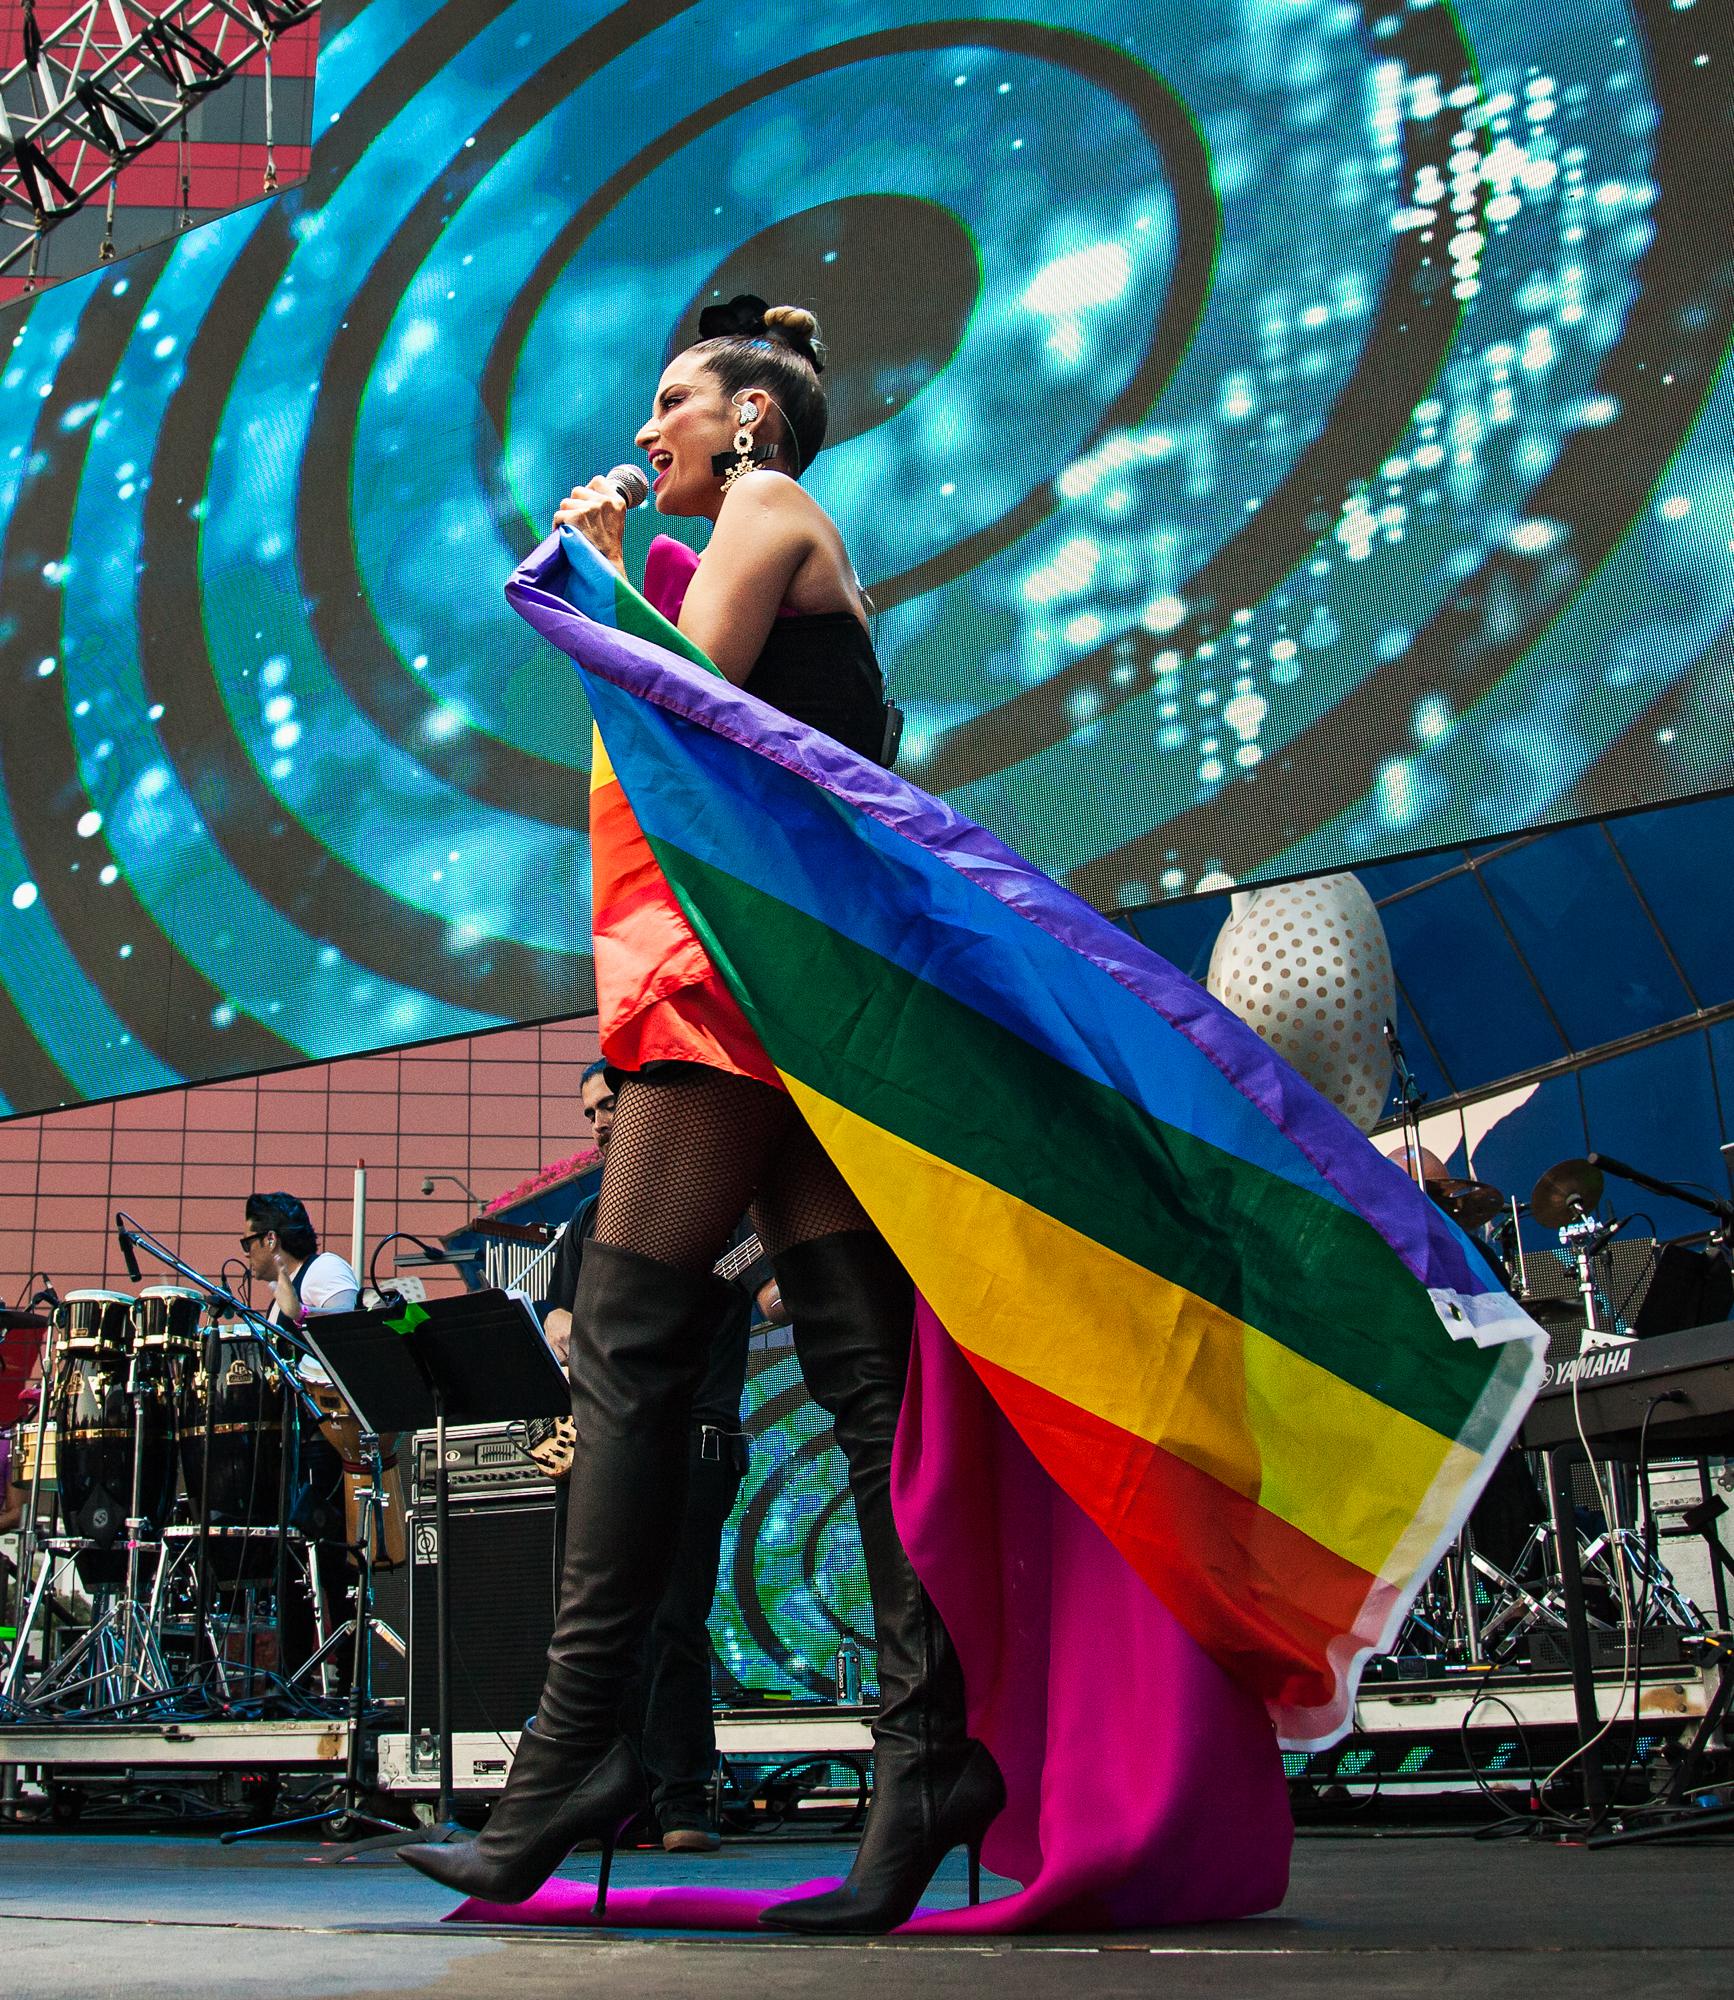 Natalia Jimenez at LA Pride 2018. Photo by Kat Kaye.